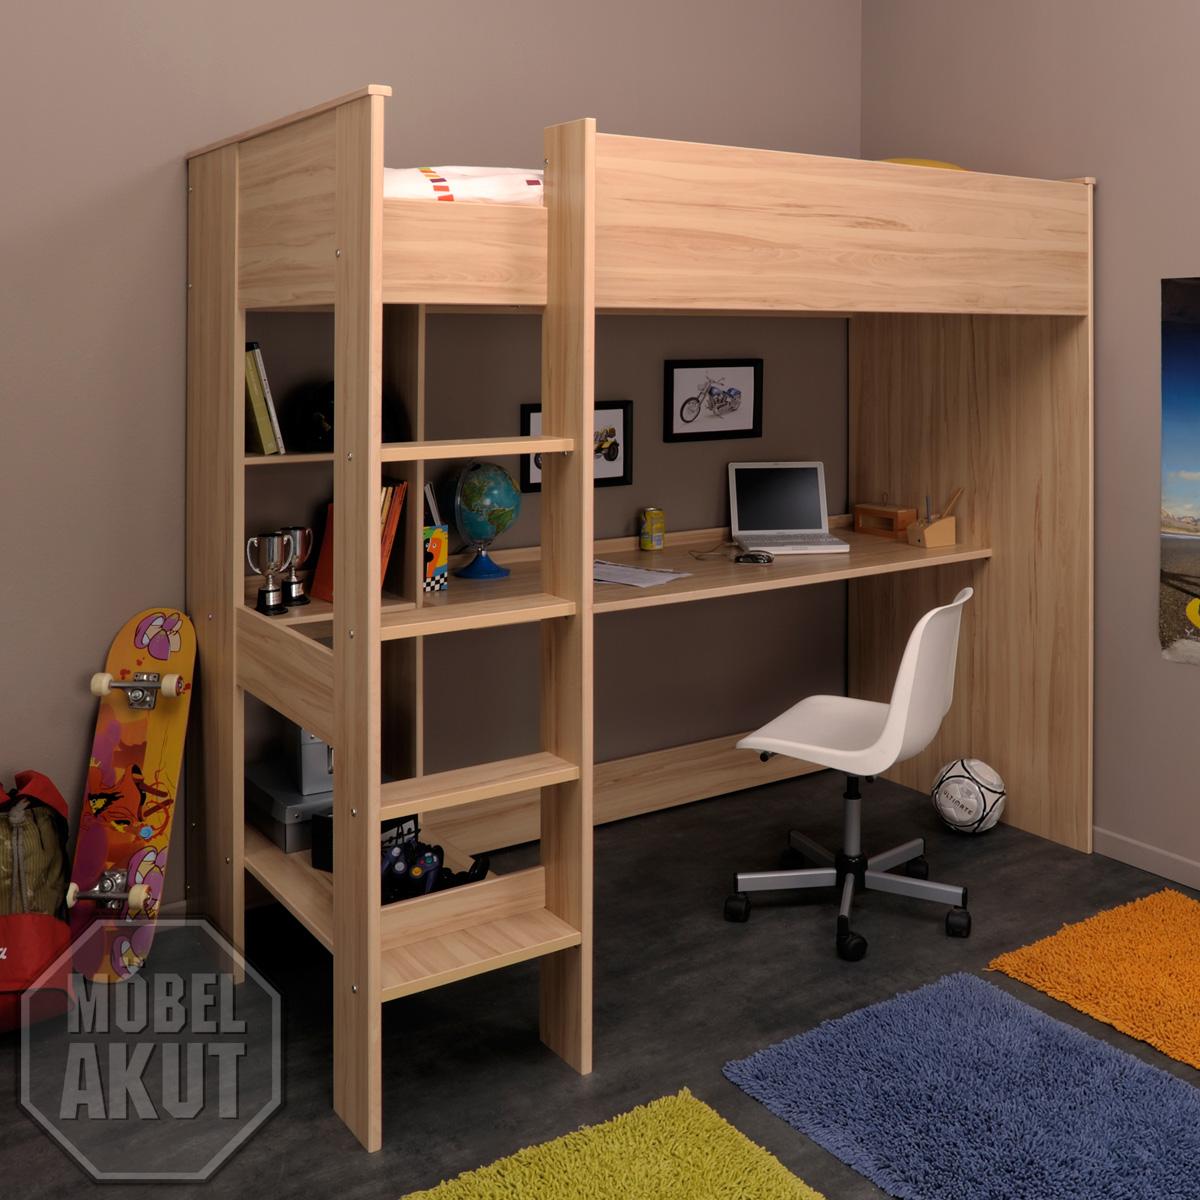 hochbett kurt etagenbett mit schreibtisch und kommode in. Black Bedroom Furniture Sets. Home Design Ideas